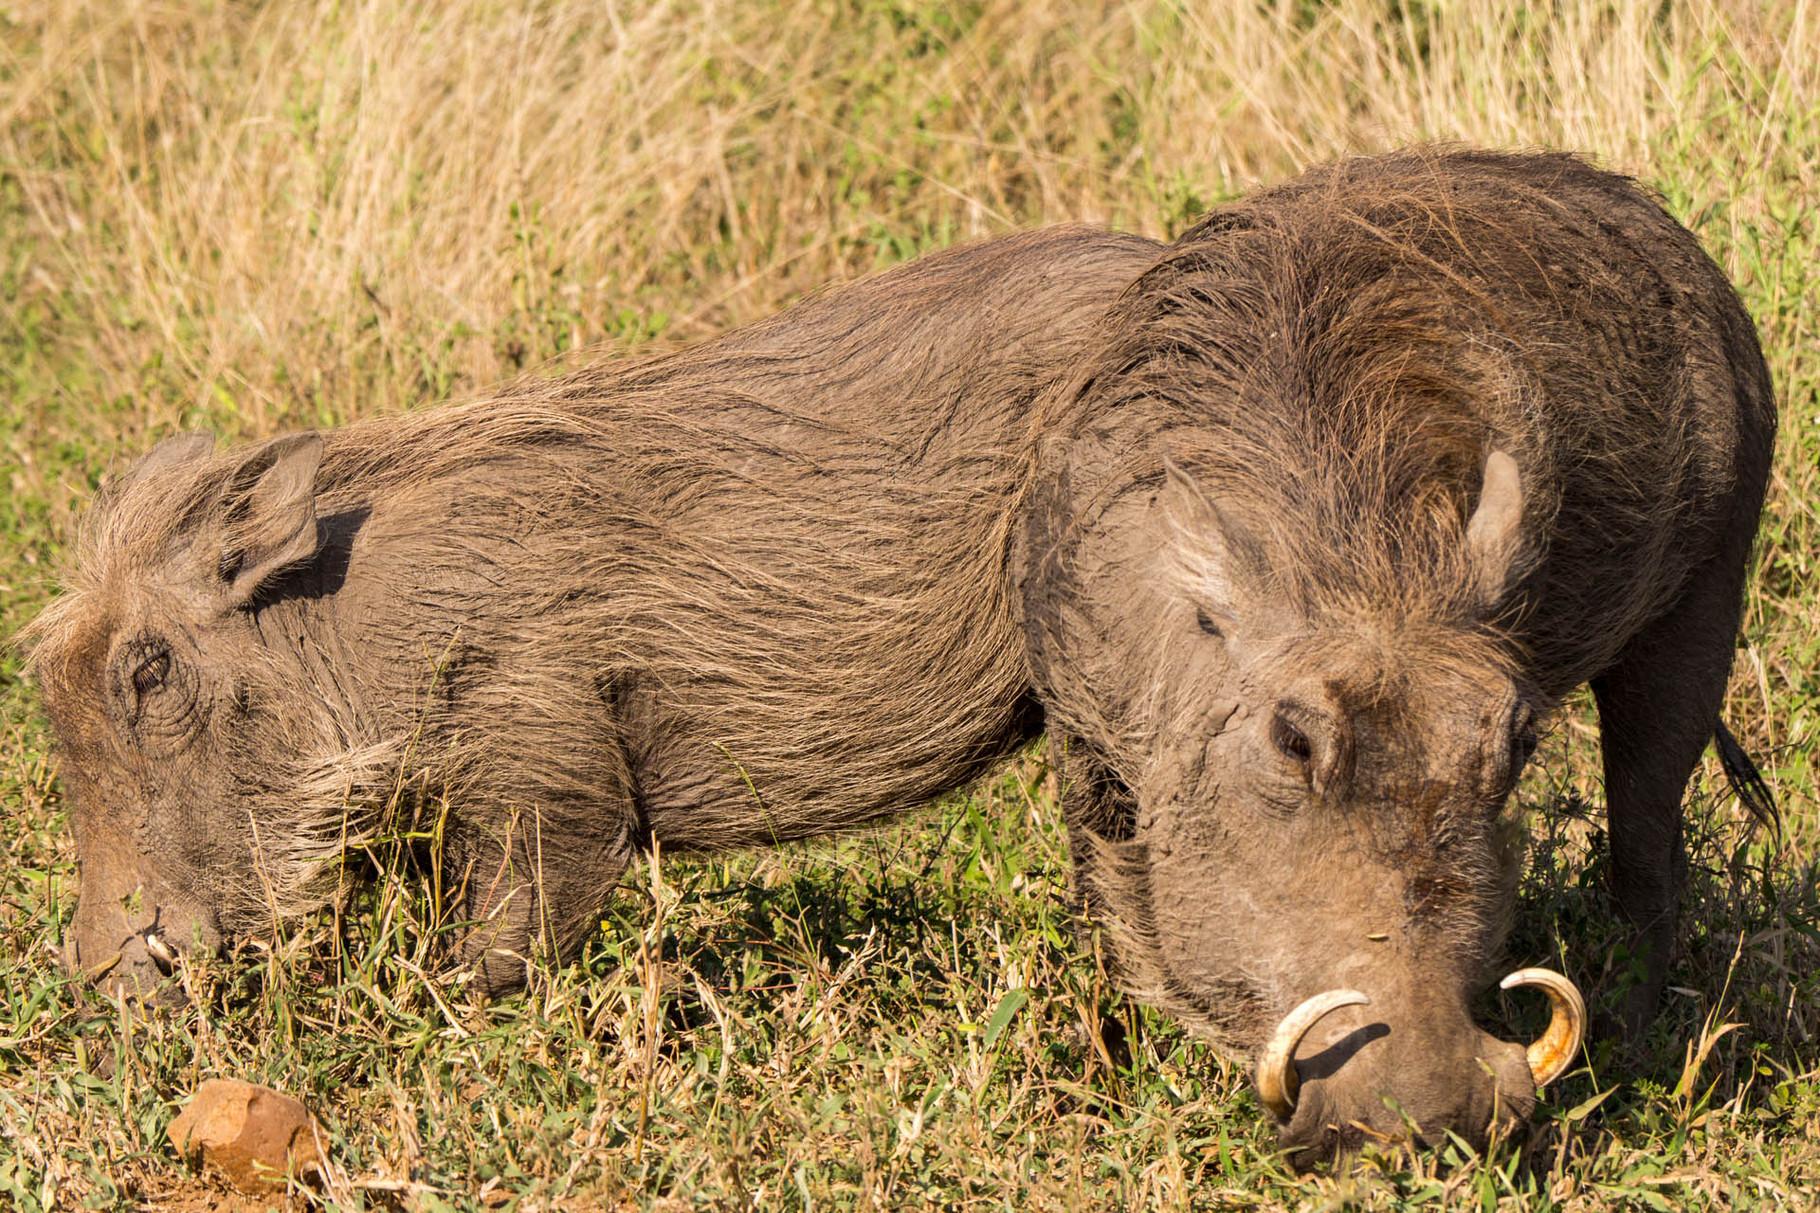 Wild boars [Kruger Park, South Africa, 2015]